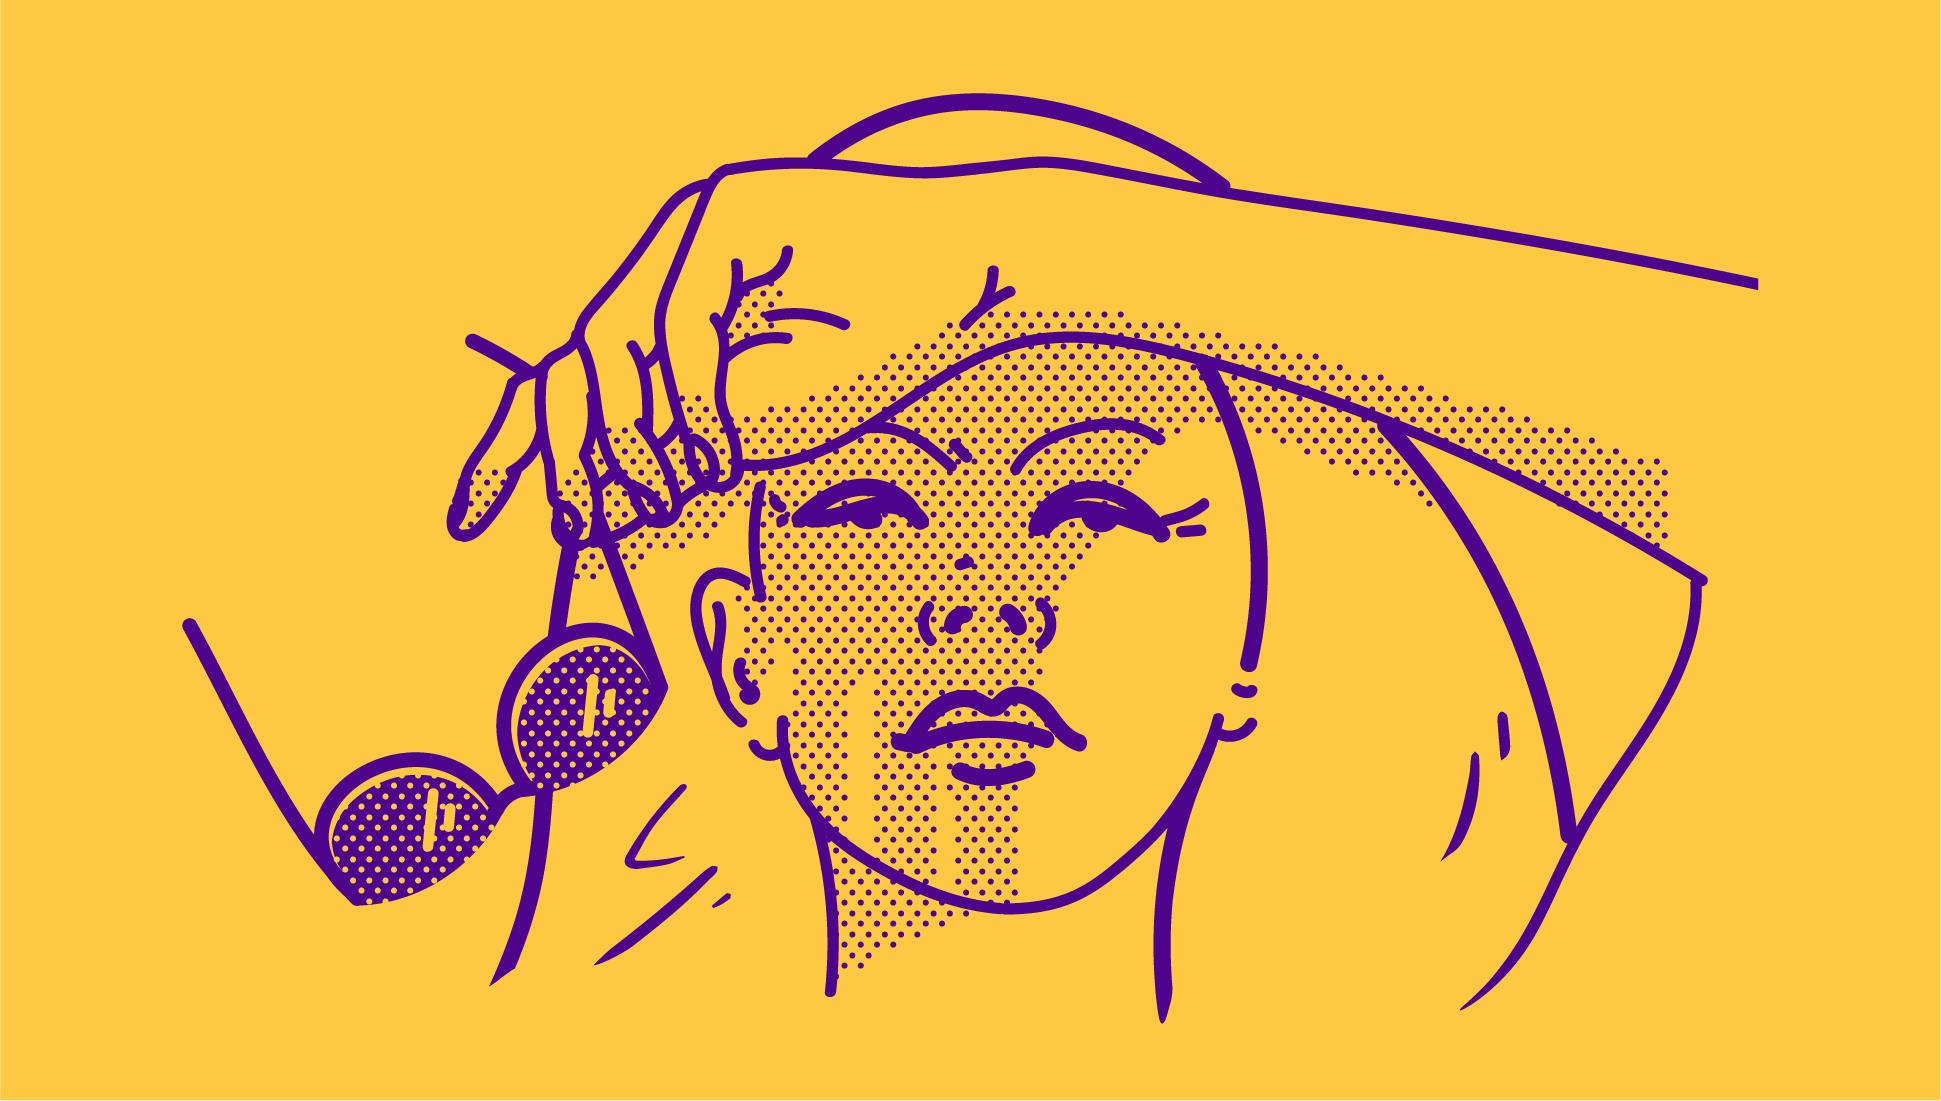 Wieczne lato | Miłość, muzyka, przygoda | Edycja 2019